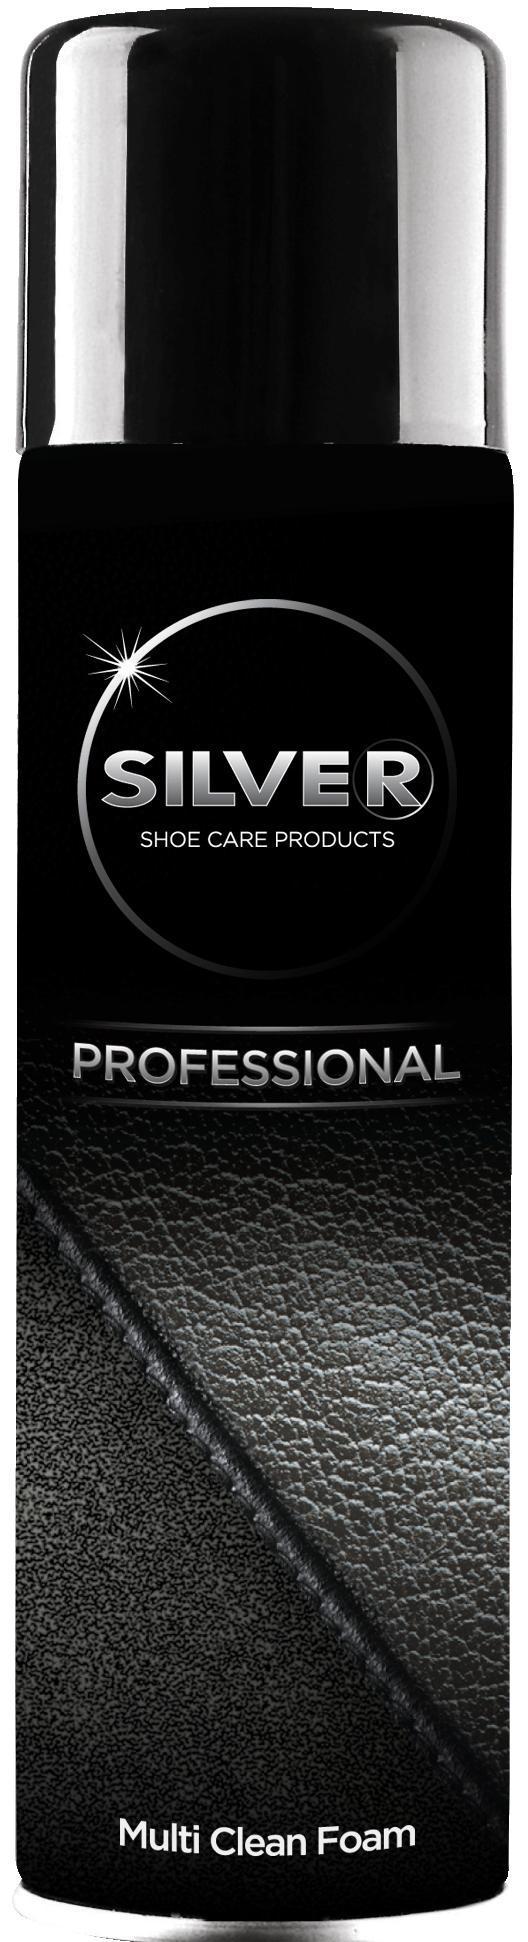 SILVER Professional Пена-очиститель 150 мл